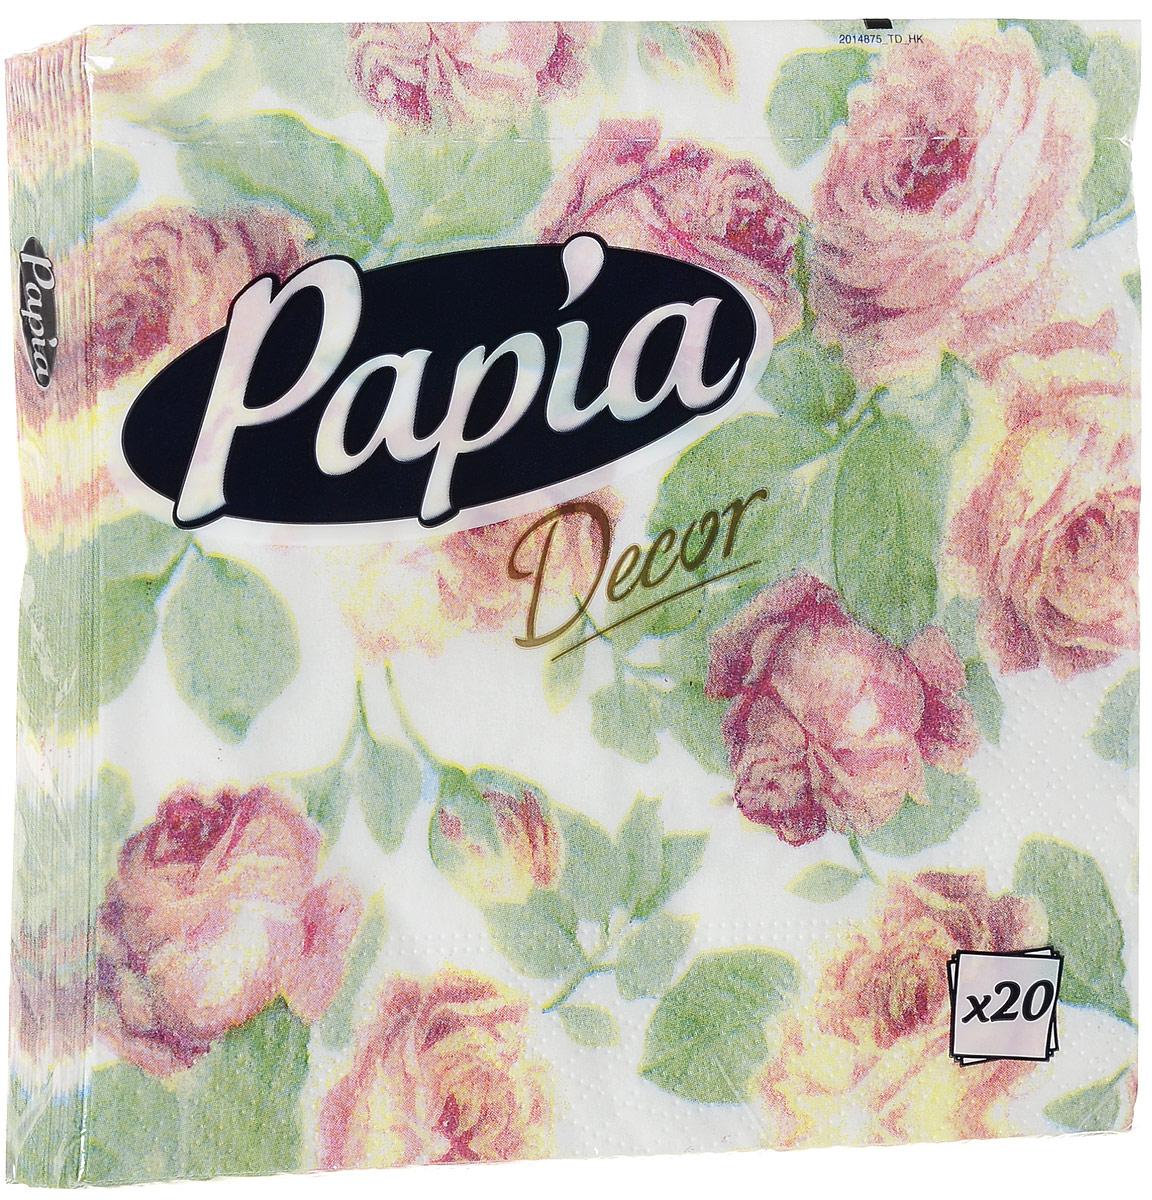 Салфетки бумажные Papia Decor, трехслойные, цвет: розовые розы, 33 х 33 см, 20 шт салфетки pol mak детский мотив трехслойные 33 х 33 см 20 шт